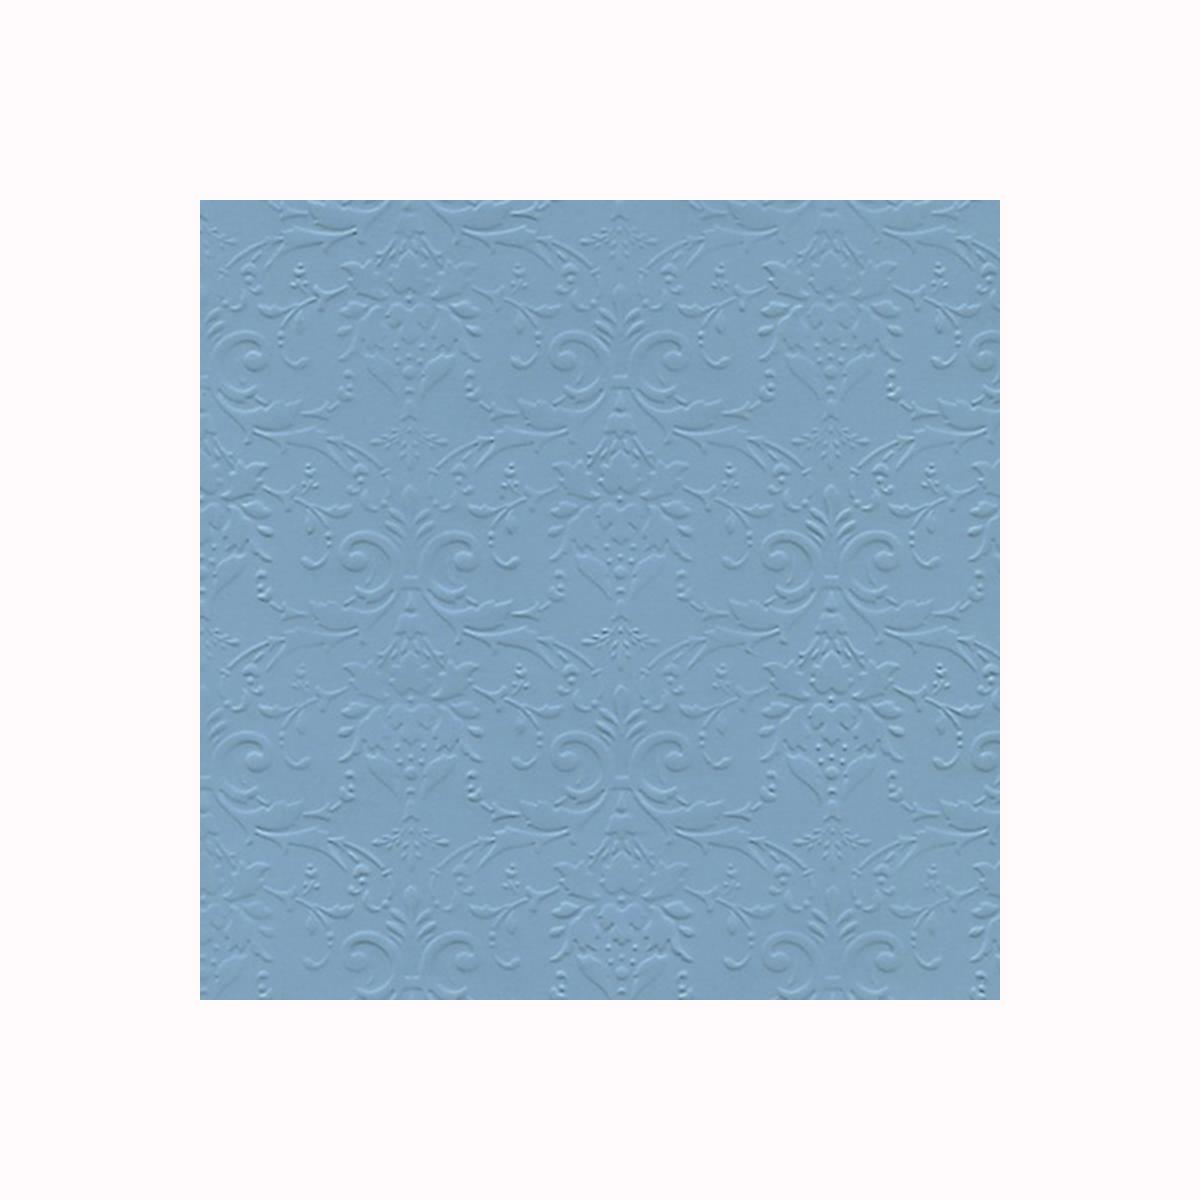 Бумага фактурная Лоза Дамасский узор, цвет: ярко-голубой, 3 листа582975_БР003-12 ярко-голубойФактурная бумага для скрапбукинга Лоза Дамасский узор позволит создать красивый альбом, фоторамку или открытку ручной работы, оформить подарок или аппликацию. Набор включает в себя 3 листа из плотной бумаги. Скрапбукинг - это хобби, которое способно приносить массу приятных эмоций не только человеку, который этим занимается, но и его близким, друзьям, родным. Это невероятно увлекательное занятие, которое поможет вам сохранить наиболее памятные и яркие моменты вашей жизни, а также интересно оформить интерьер дома.Плотность бумаги: 200 г/м2.